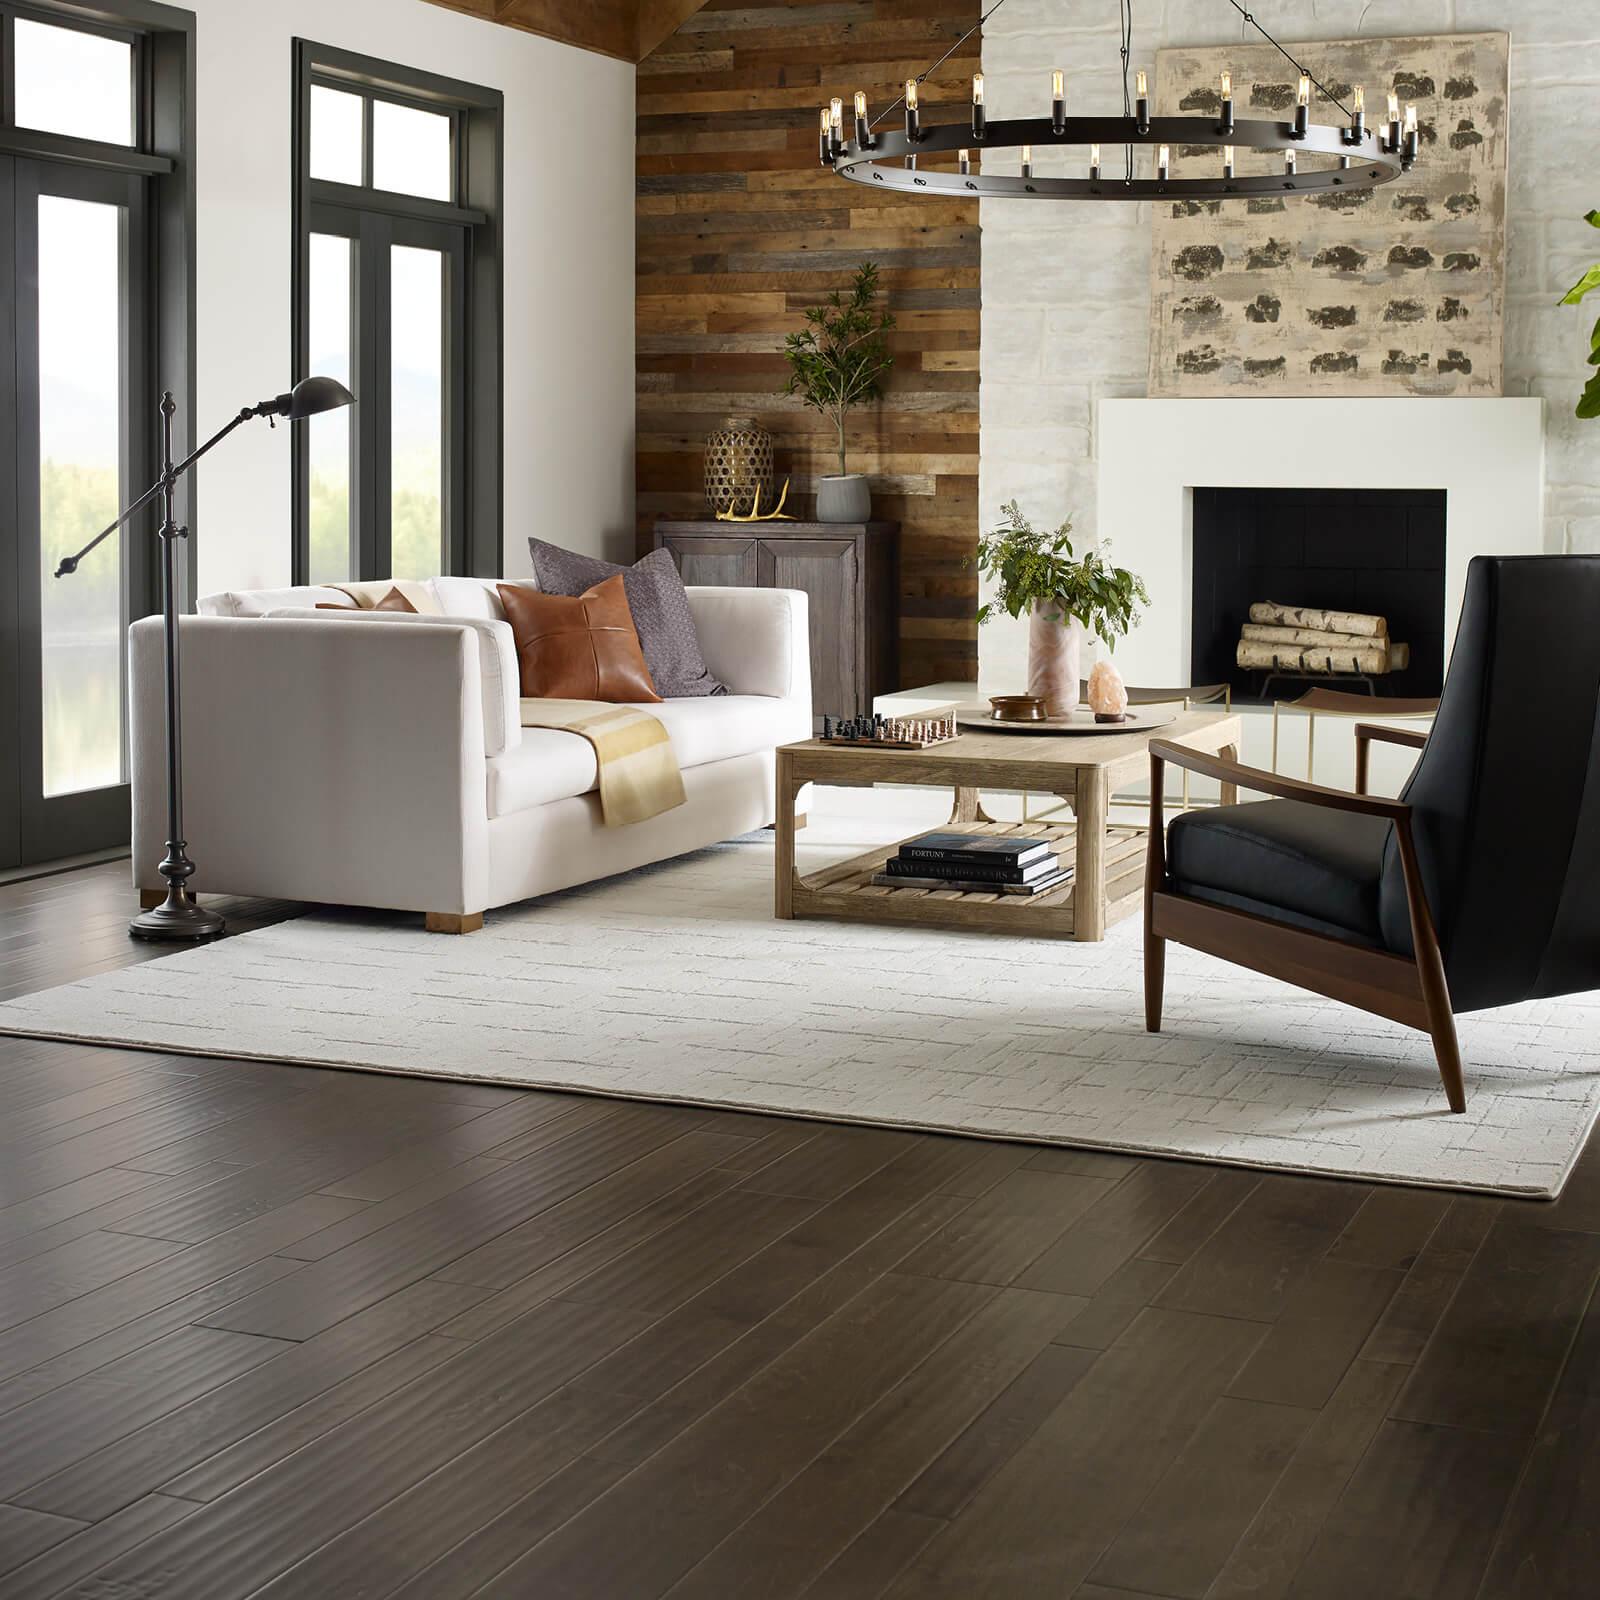 Key West hardwood Flooring | McSwain Carpet & Floors